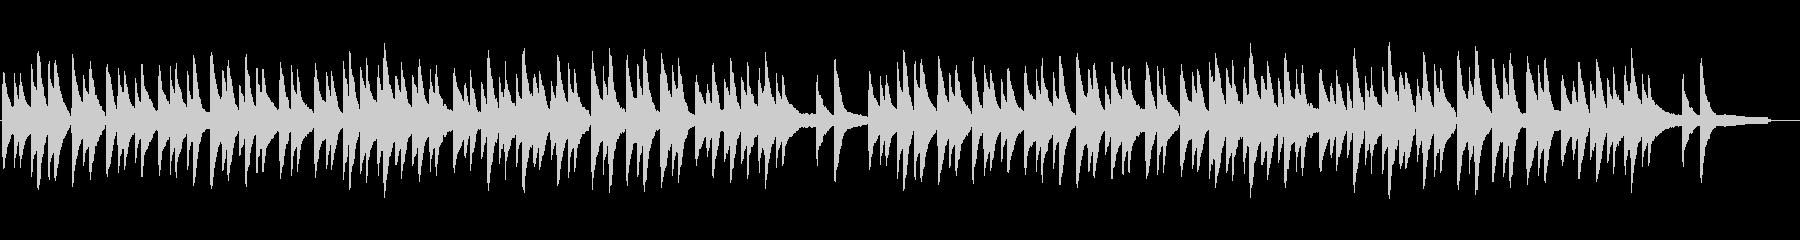 環境音楽風あんたがたどこさ(全国版)の未再生の波形